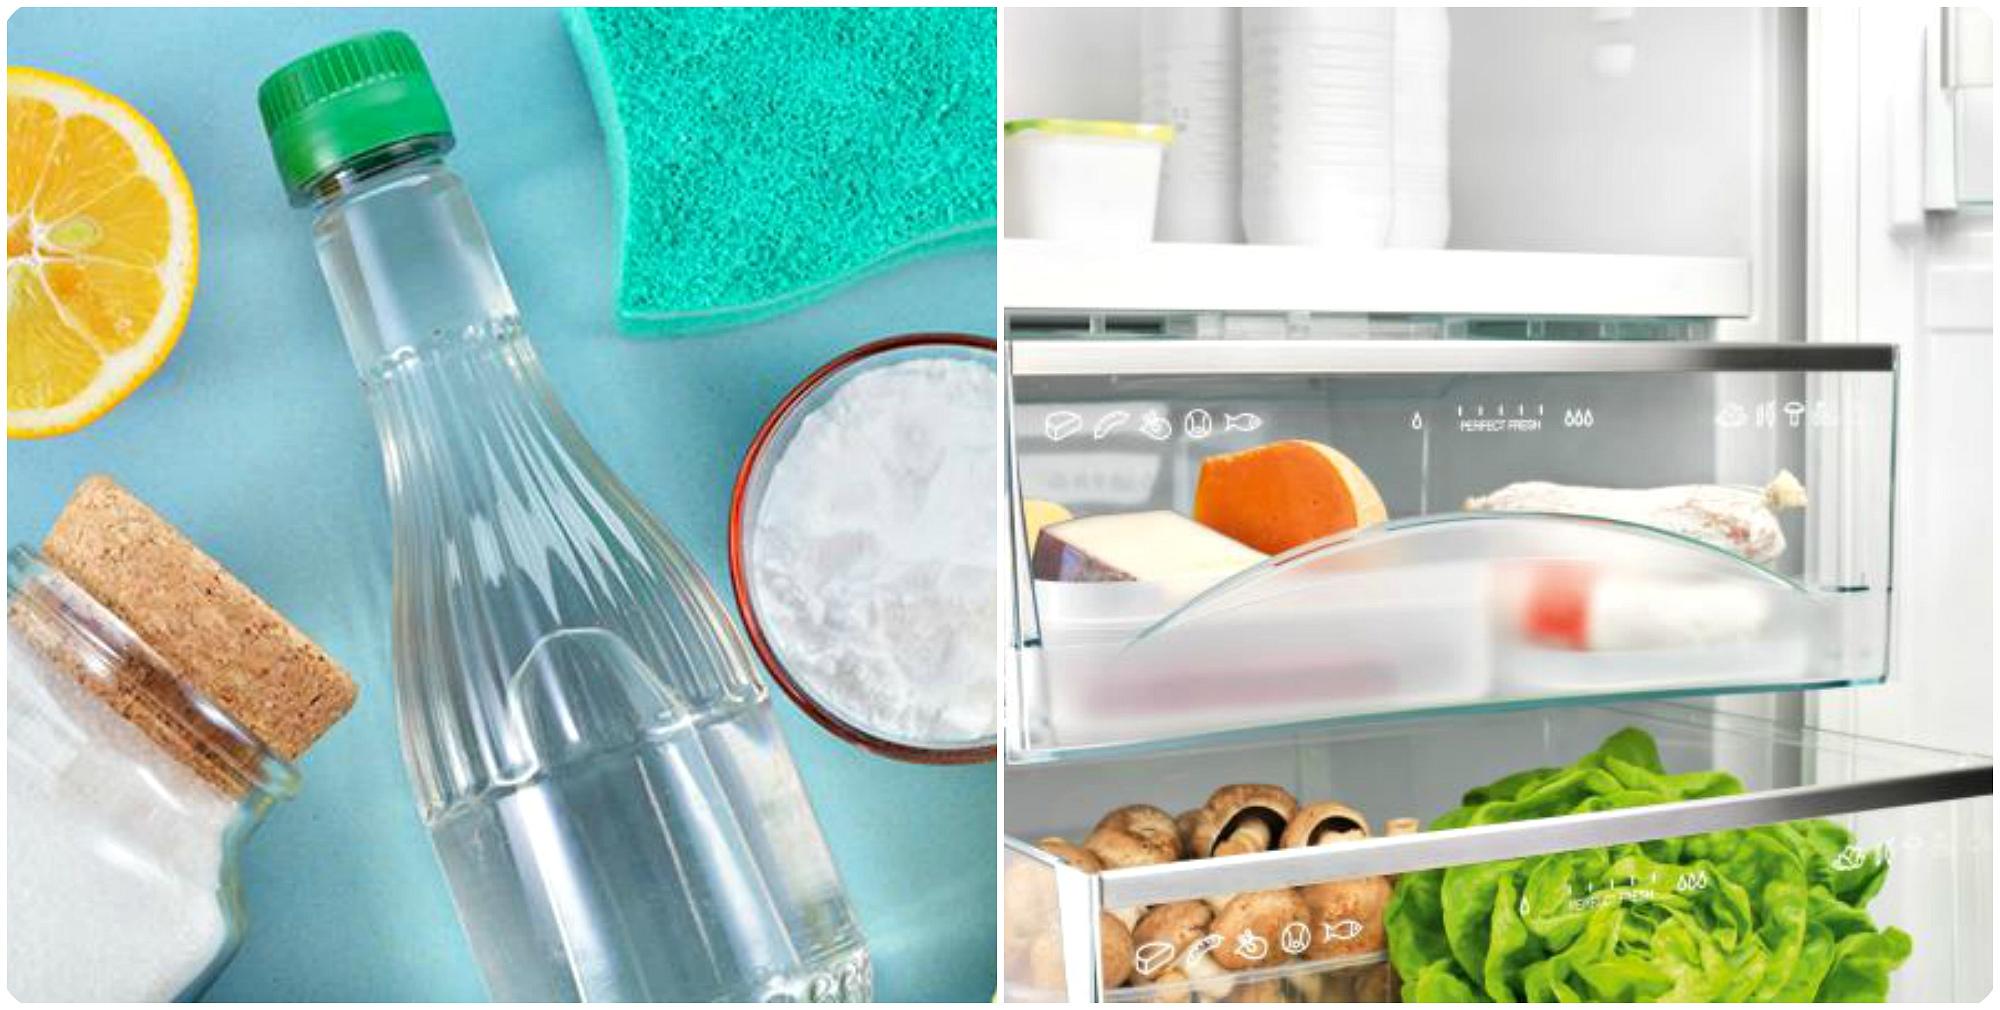 Избавляемся от плохого запаха в холодильнике - народные средства для холодильника